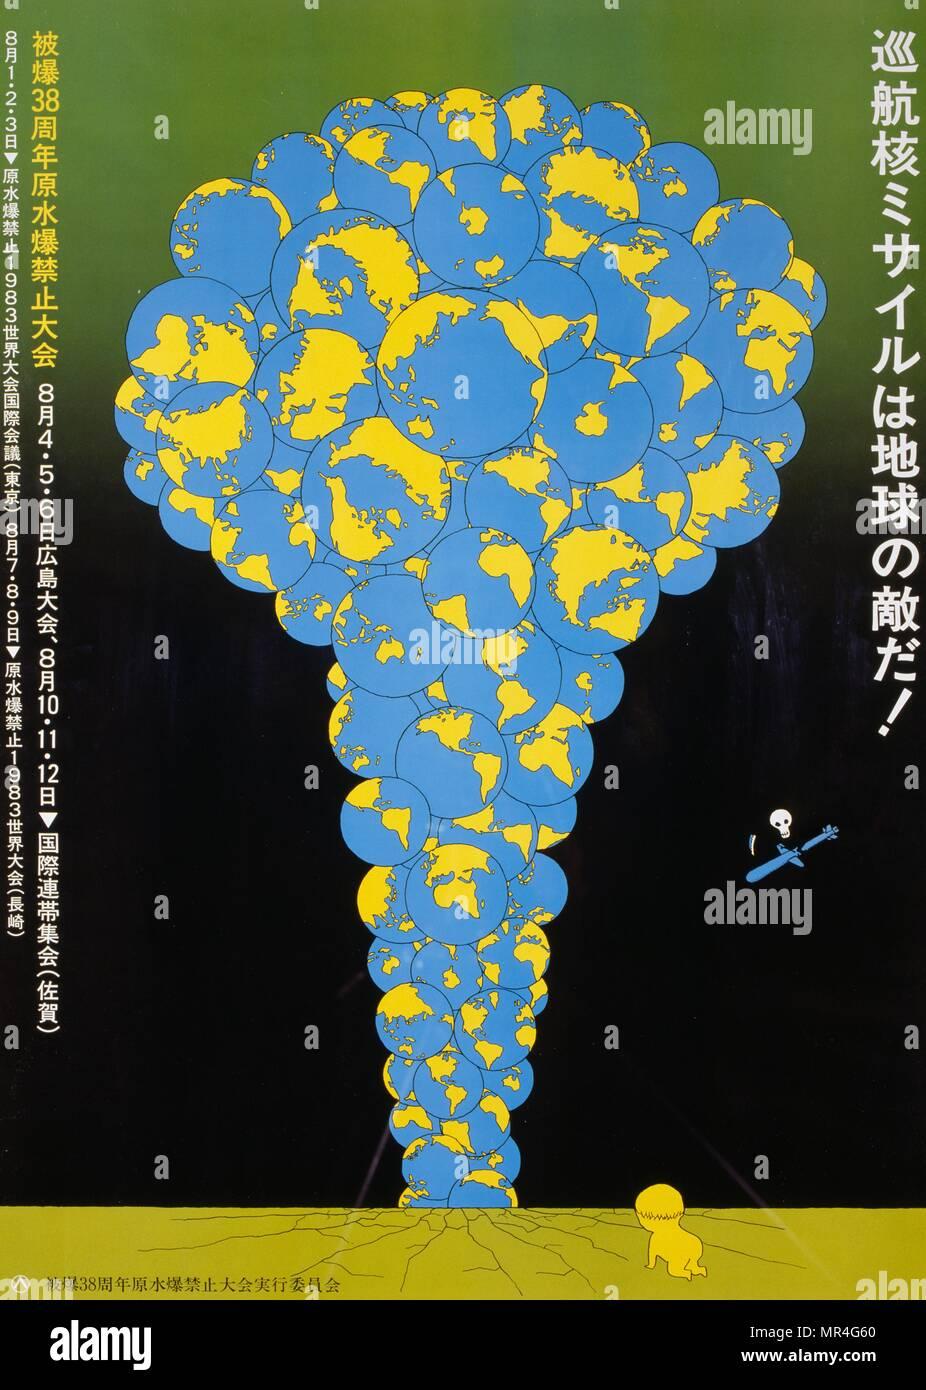 Japanische Frieden Plakat während des Kalten Krieges 1985 Stockbild